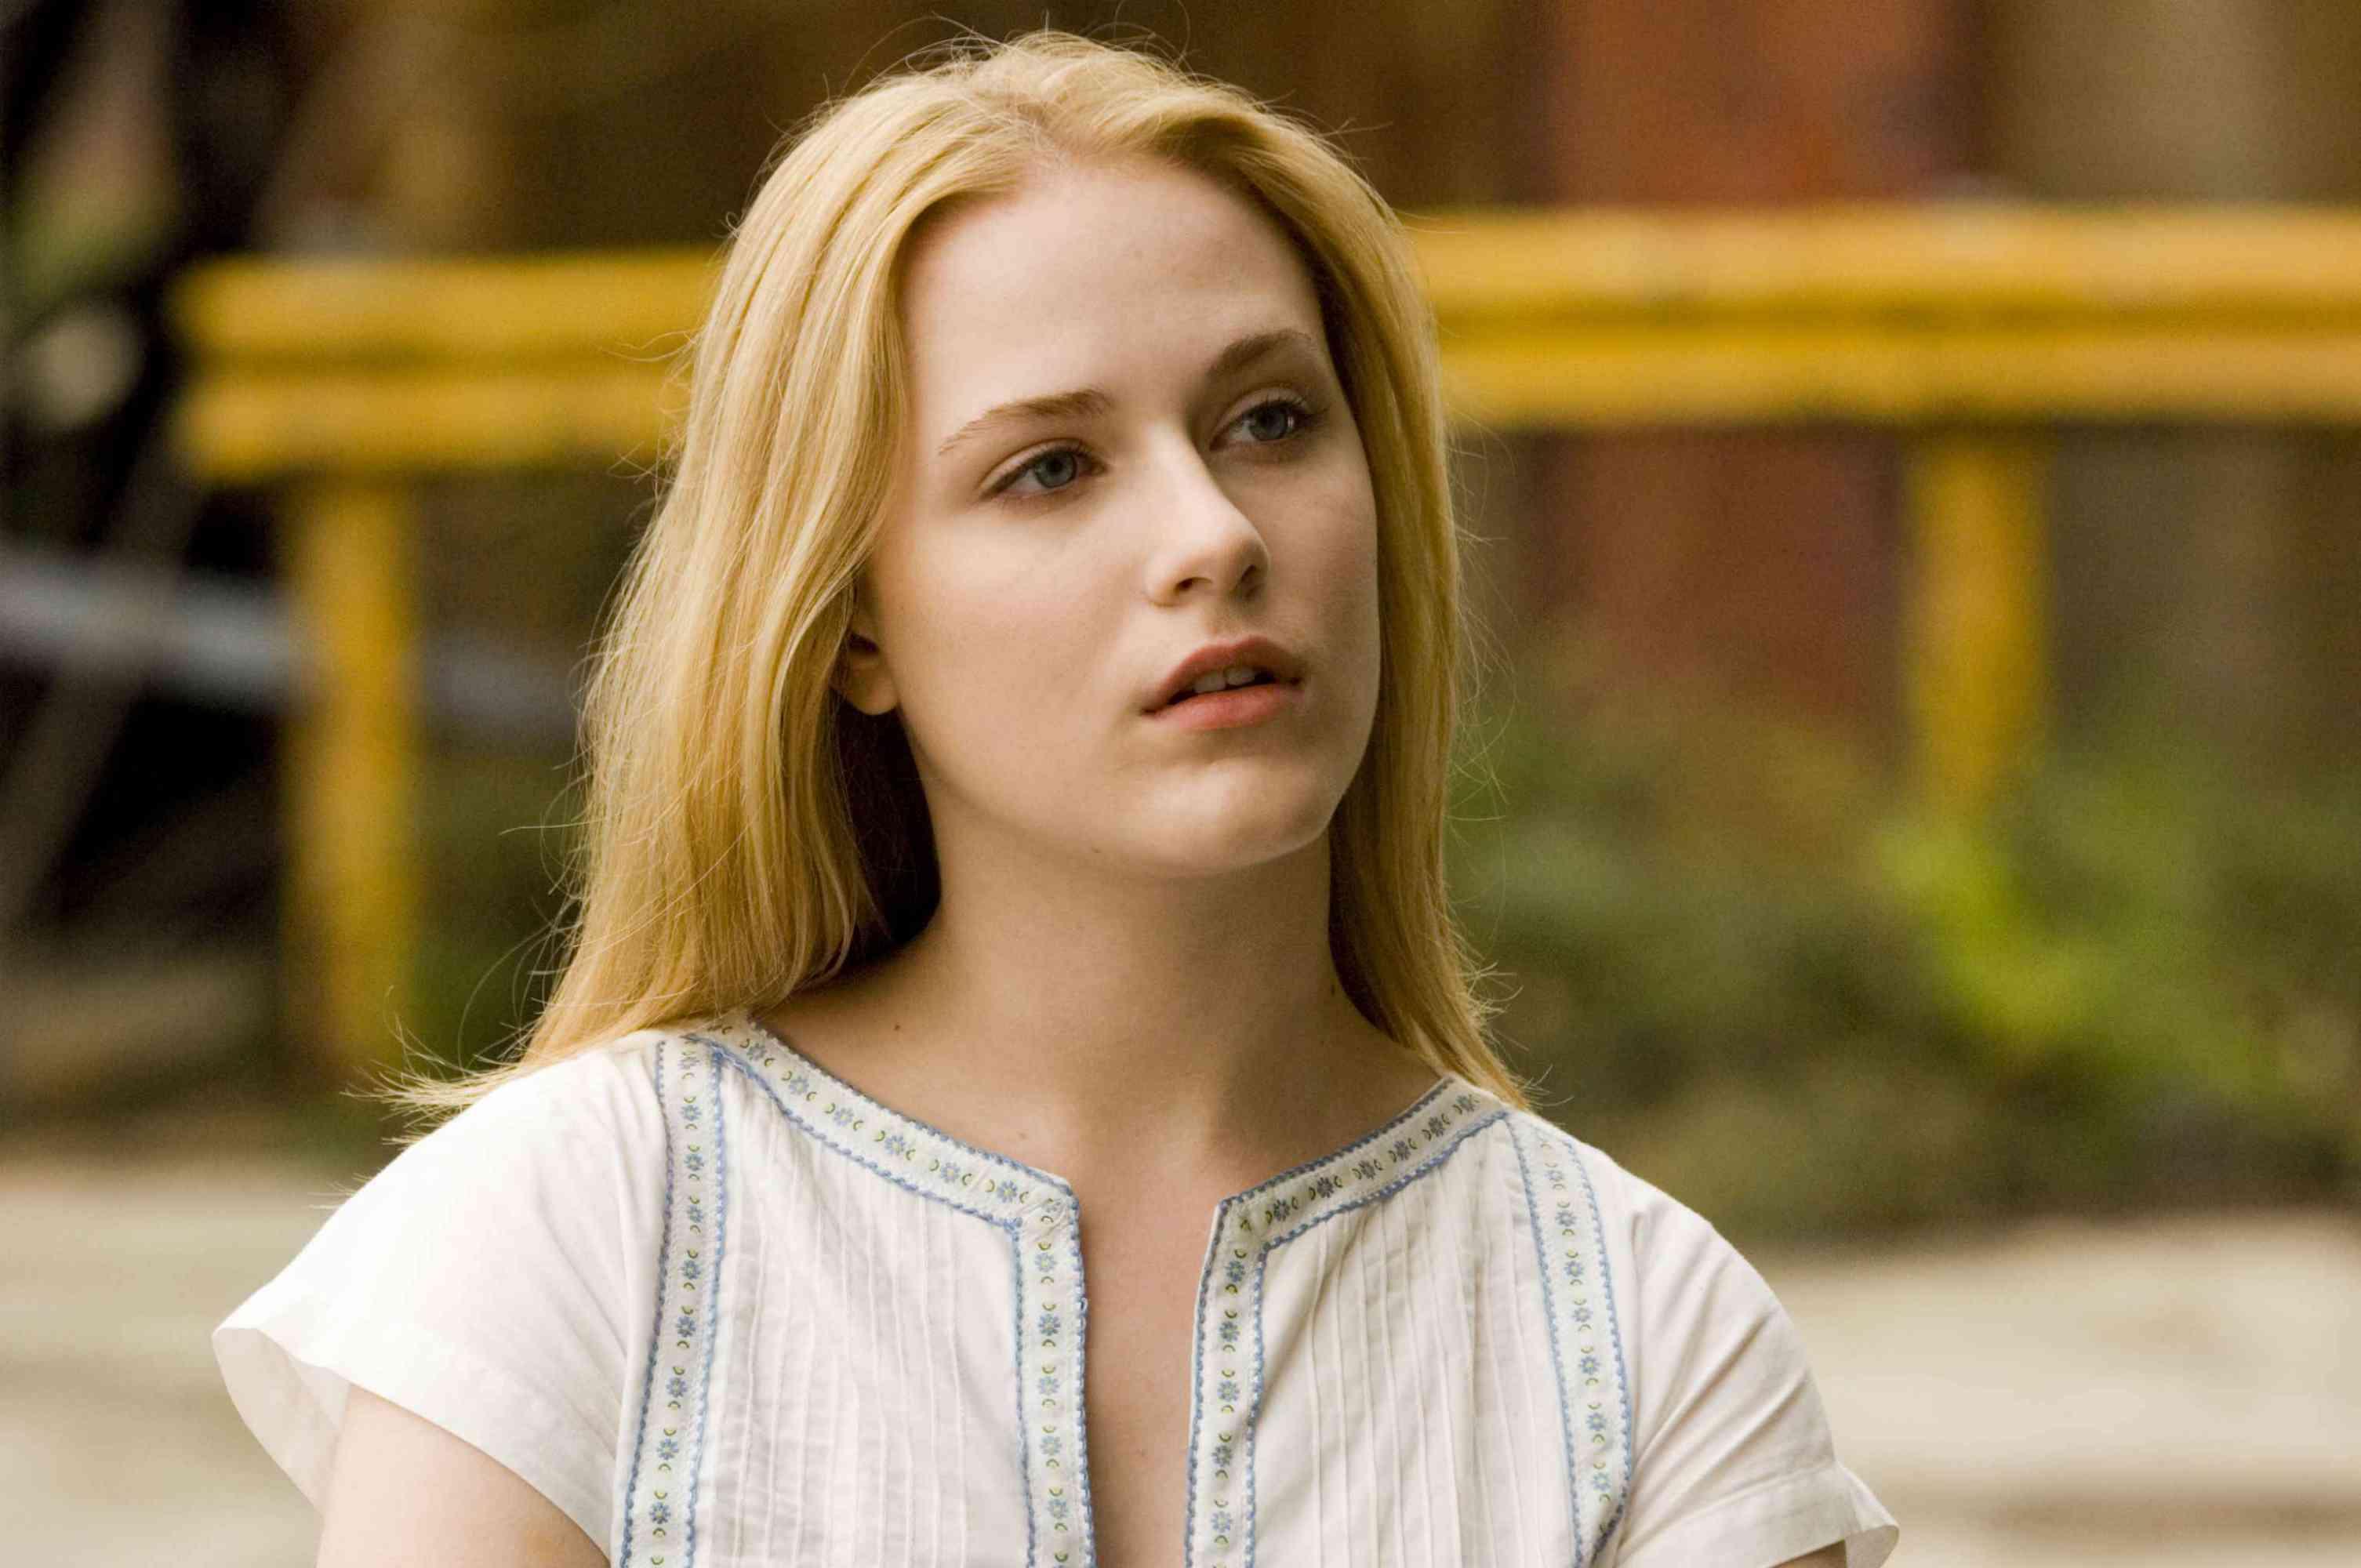 Pictures Of Evan Rachel Wood